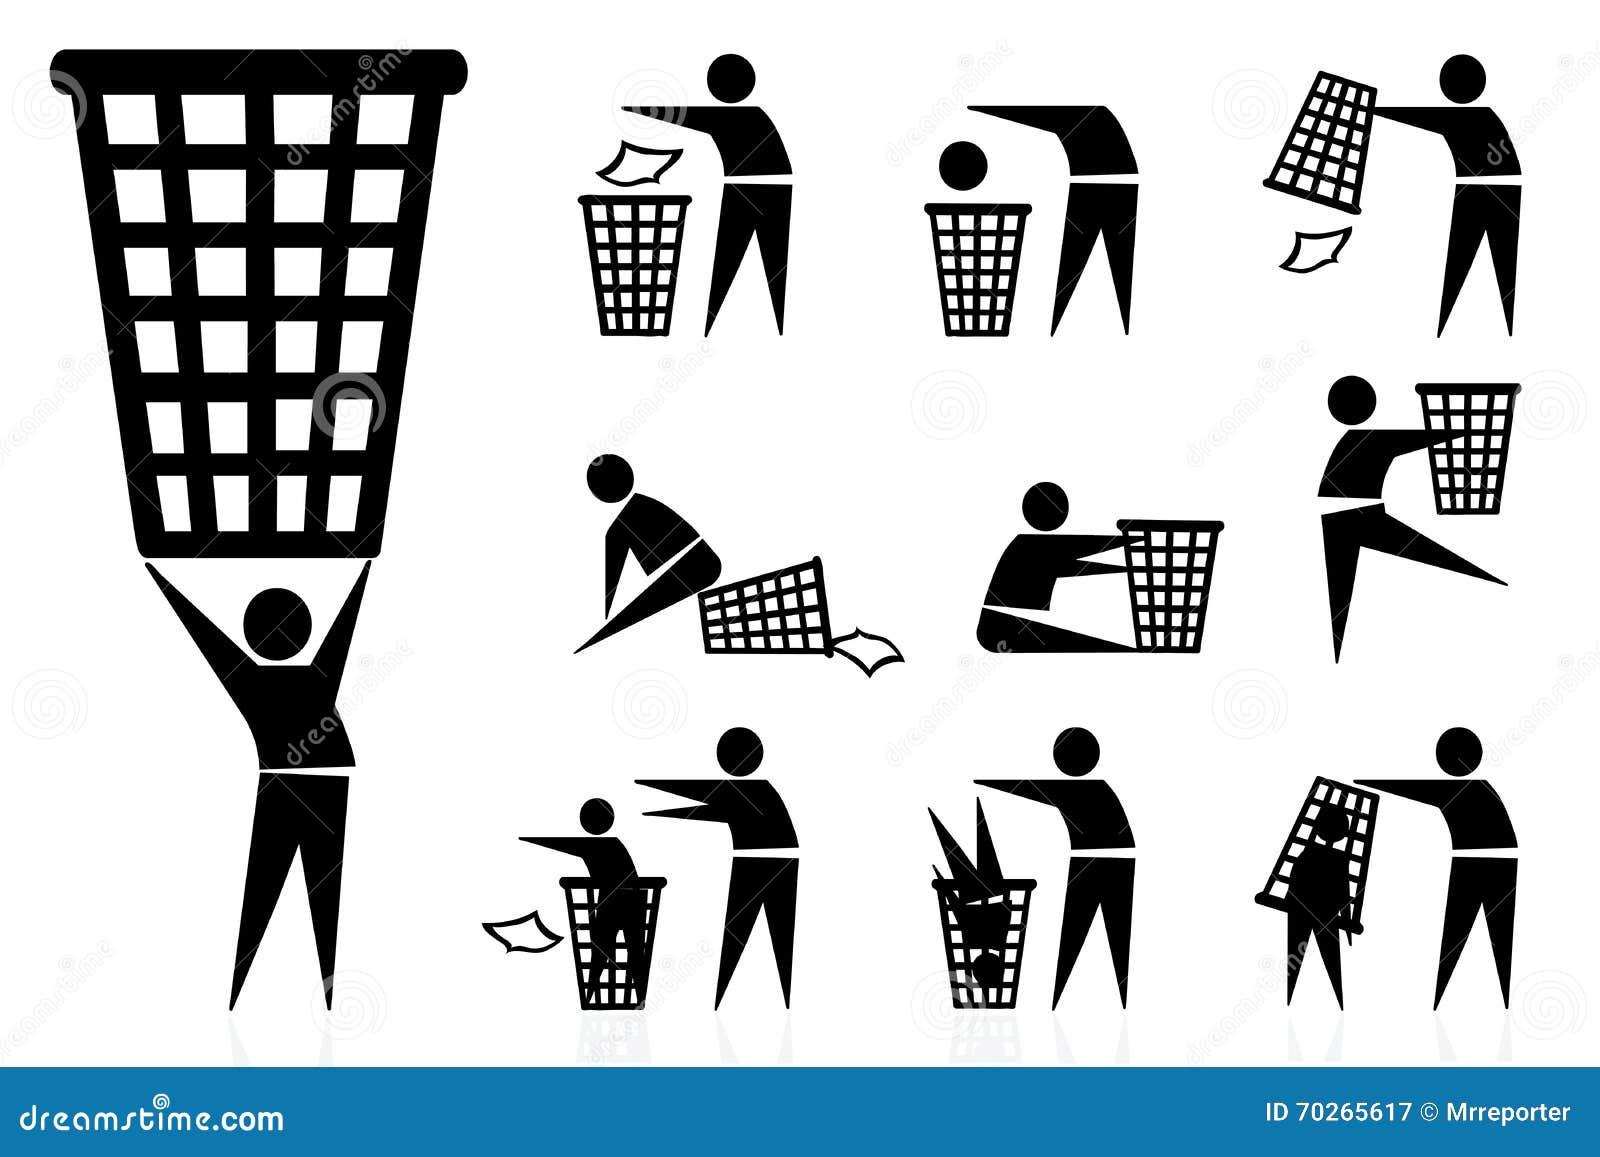 Afval-bak, pictogrammen